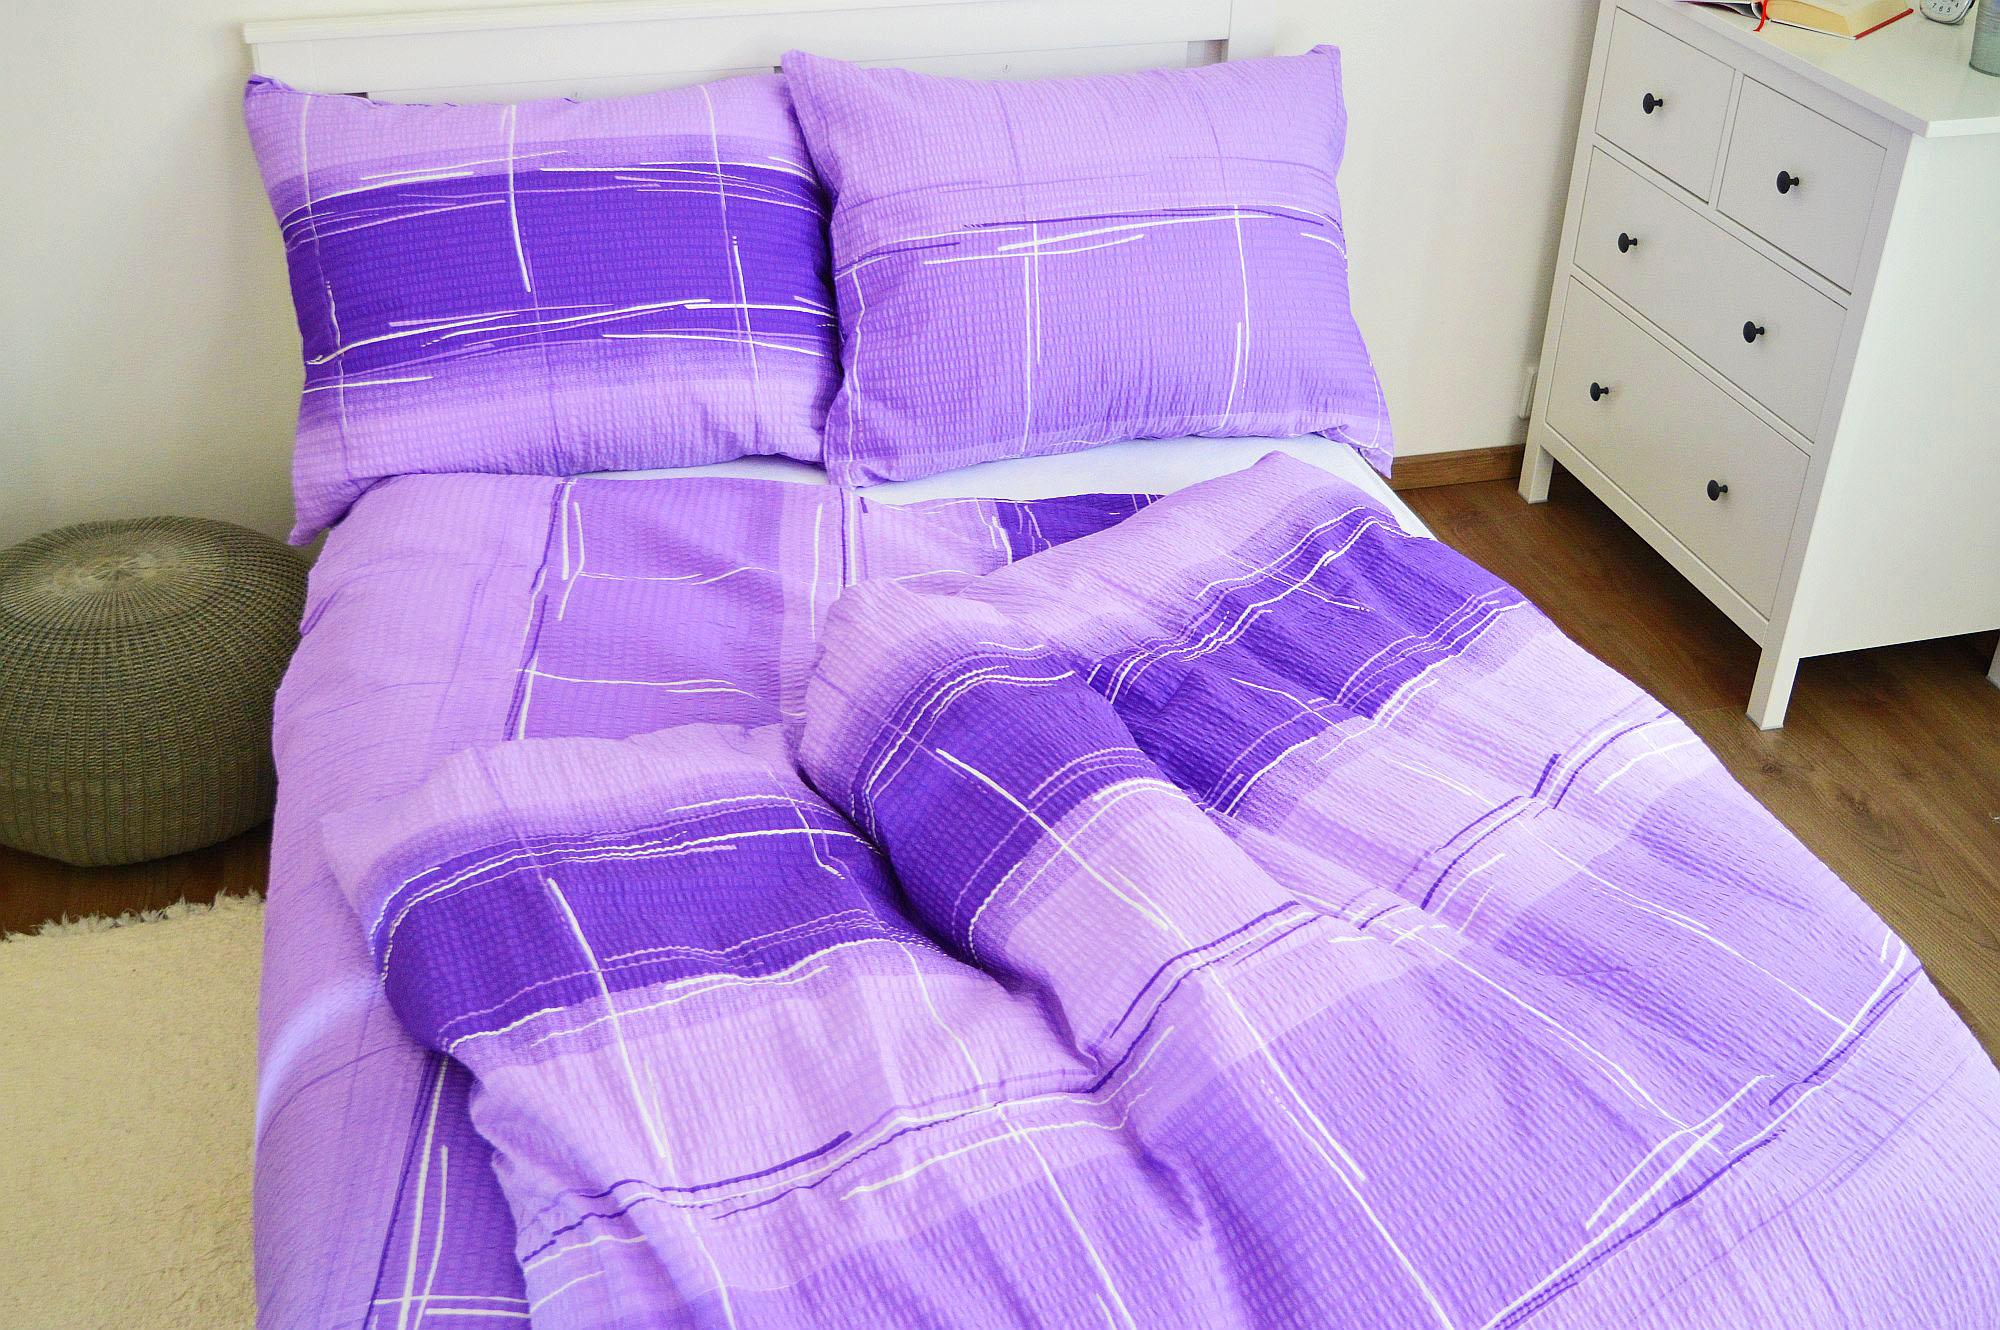 Krepové povlečení 140x220 - Cákance fialové